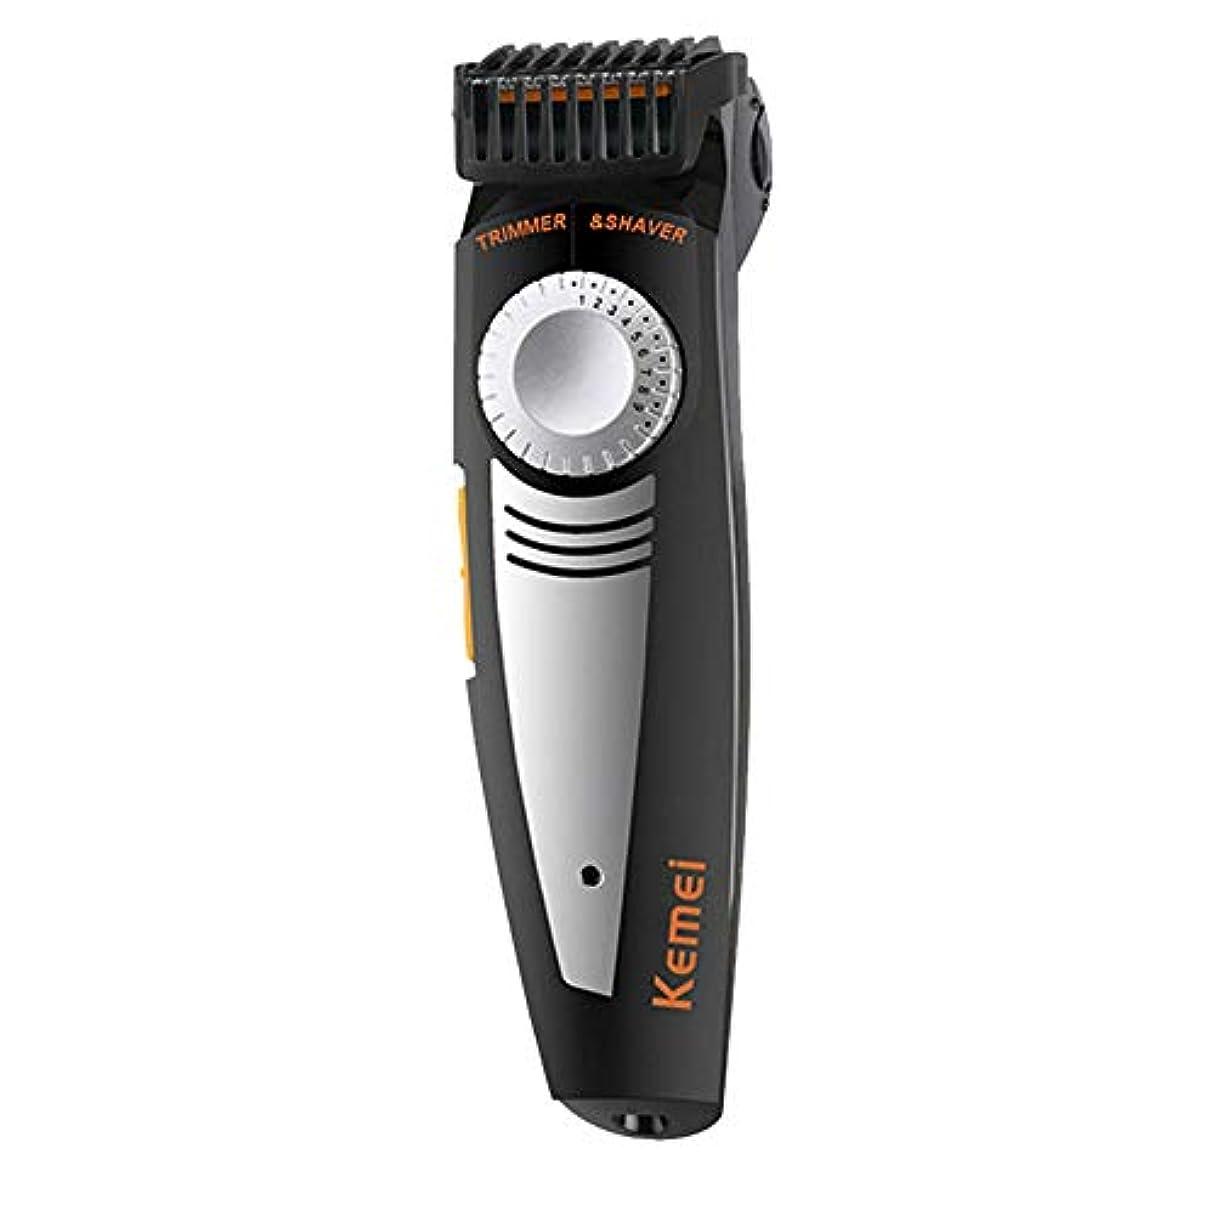 診療所参照するツイン高速男性EUプラグ髪のマシンアジャスタブルヘアーカッターのために髪トリマー専門のクリッパーを充電